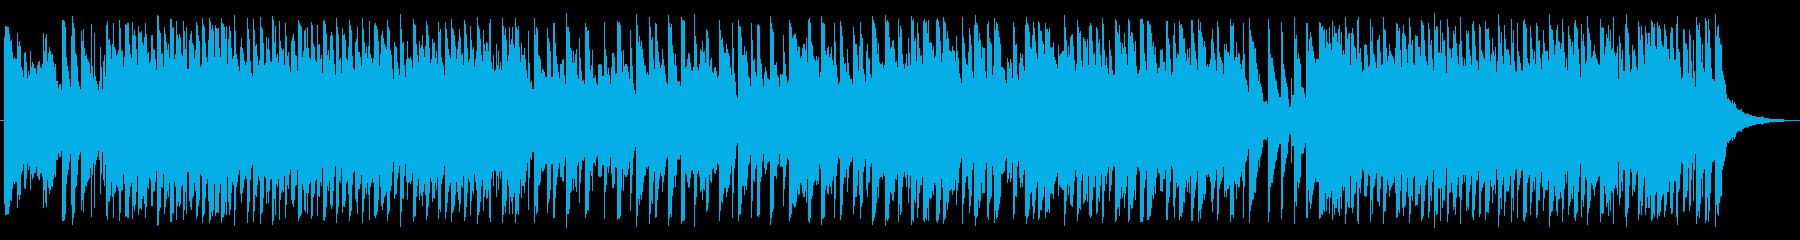 明るい音色のディスコビートの再生済みの波形